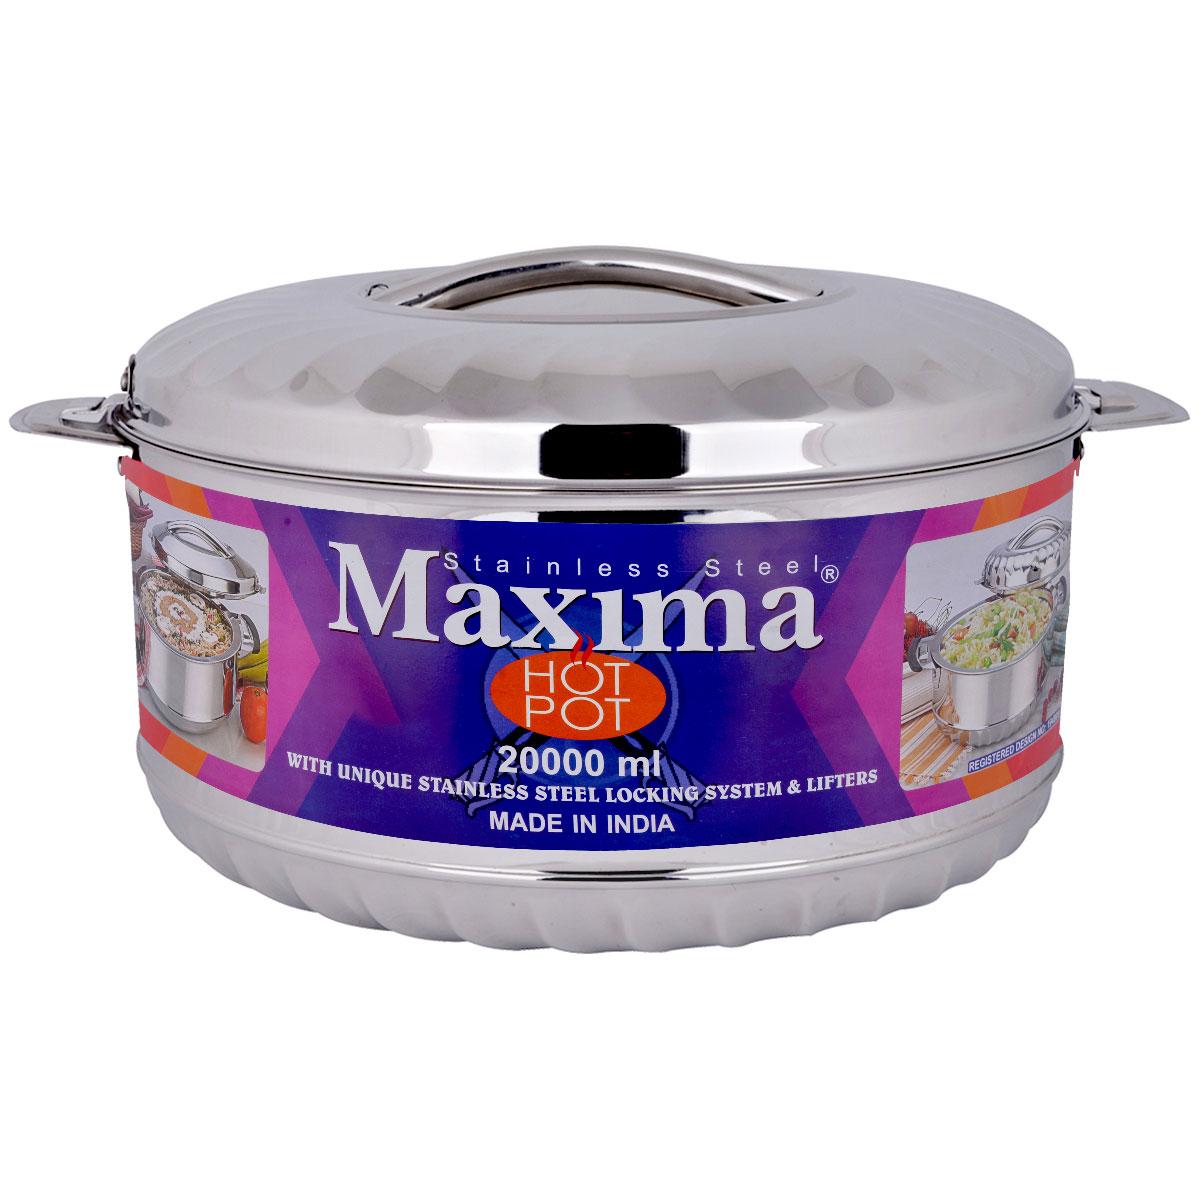 حافظة طعام ماكسيما - 20000 مل -استانلس استيل , فضي